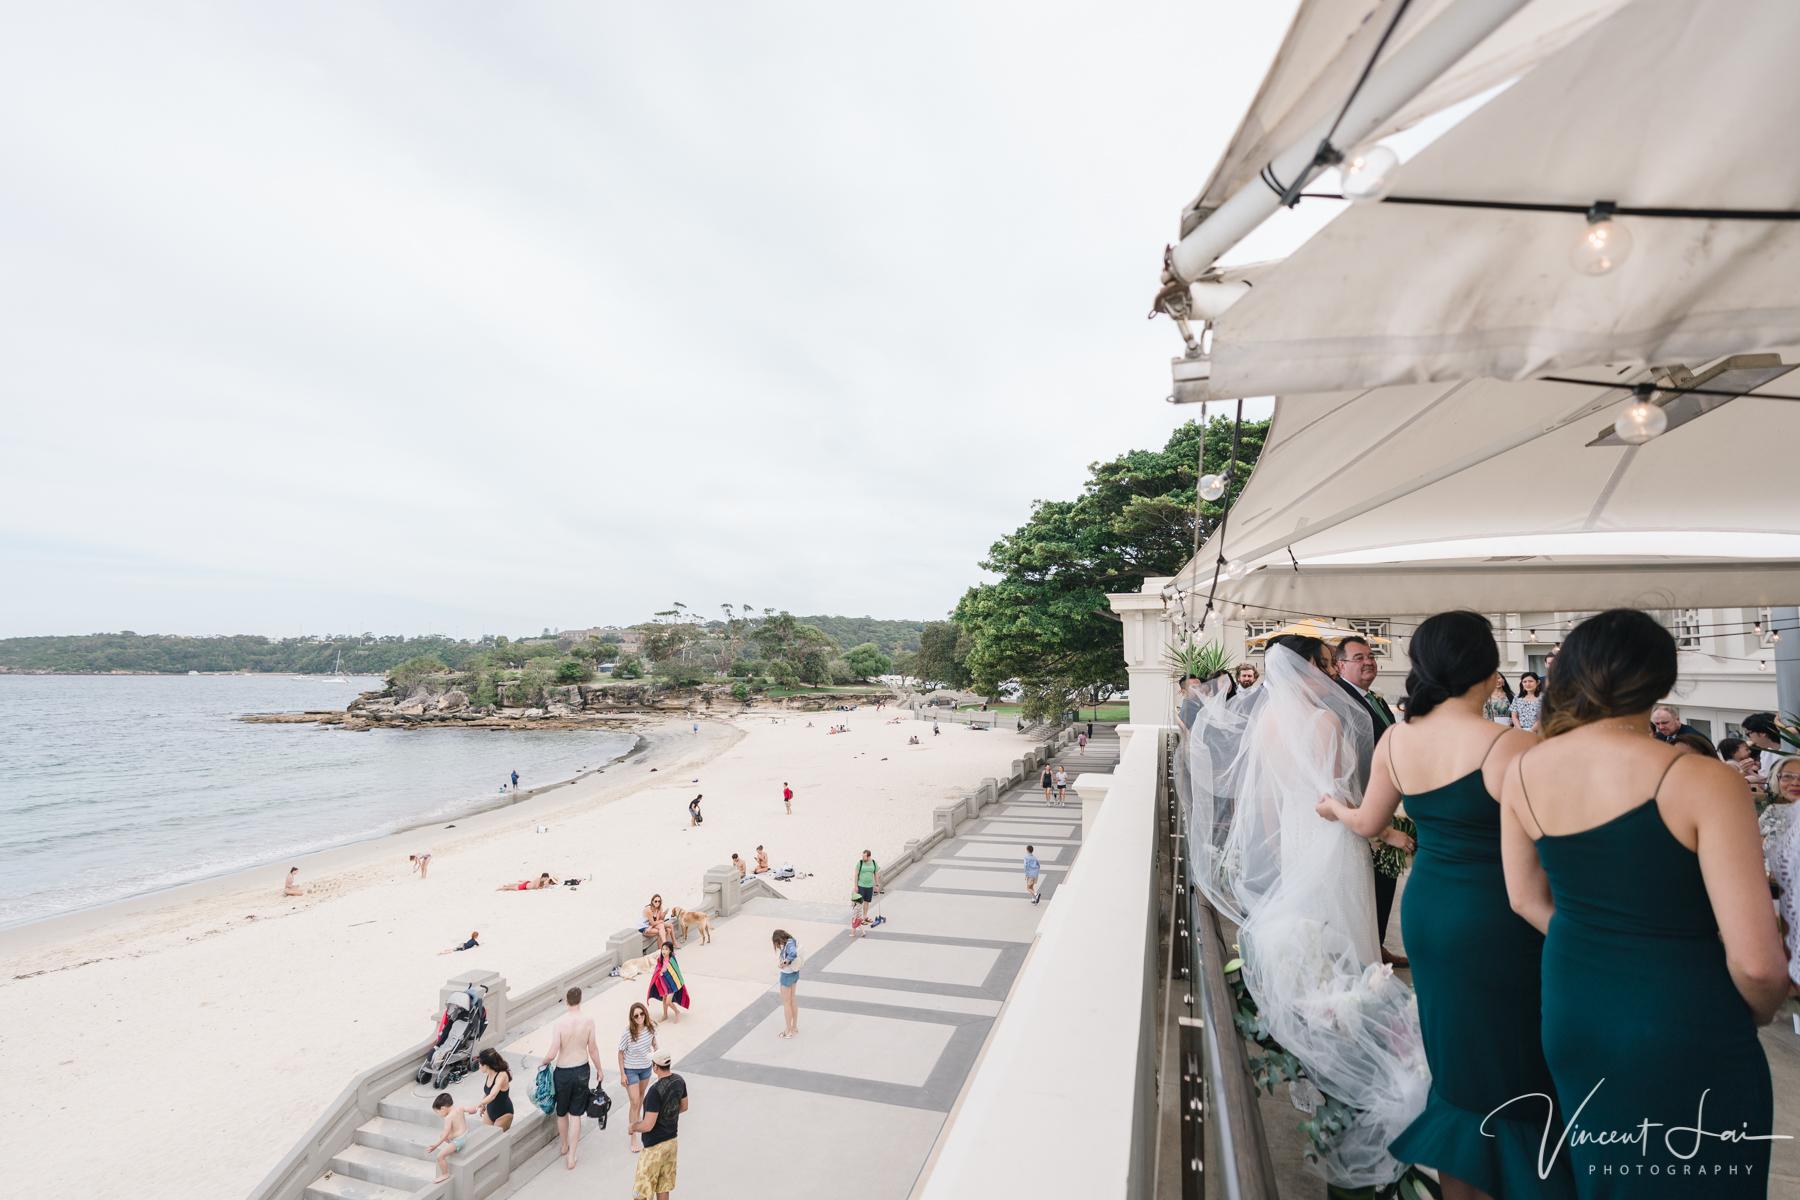 Bathers' Pavilion Louis Terrace